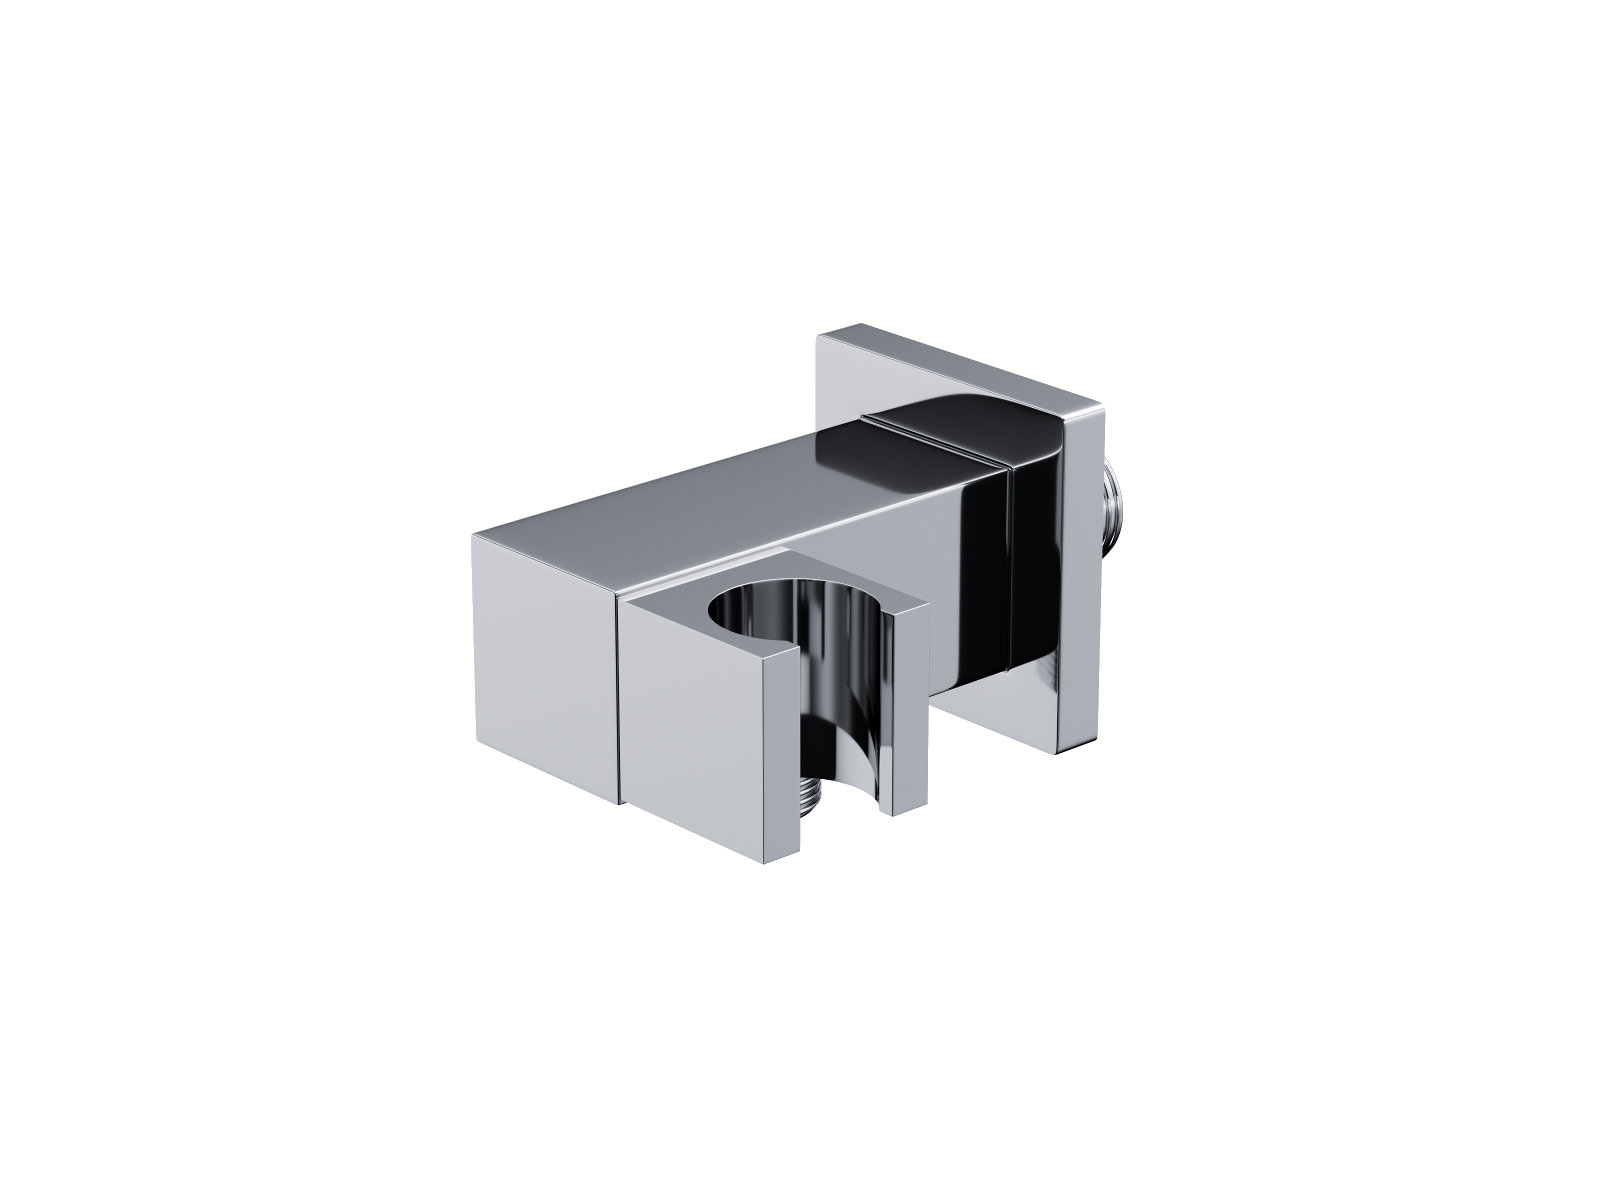 Sprchový držiak Corsan CMU189CH s pripojením na ručnú sprchu